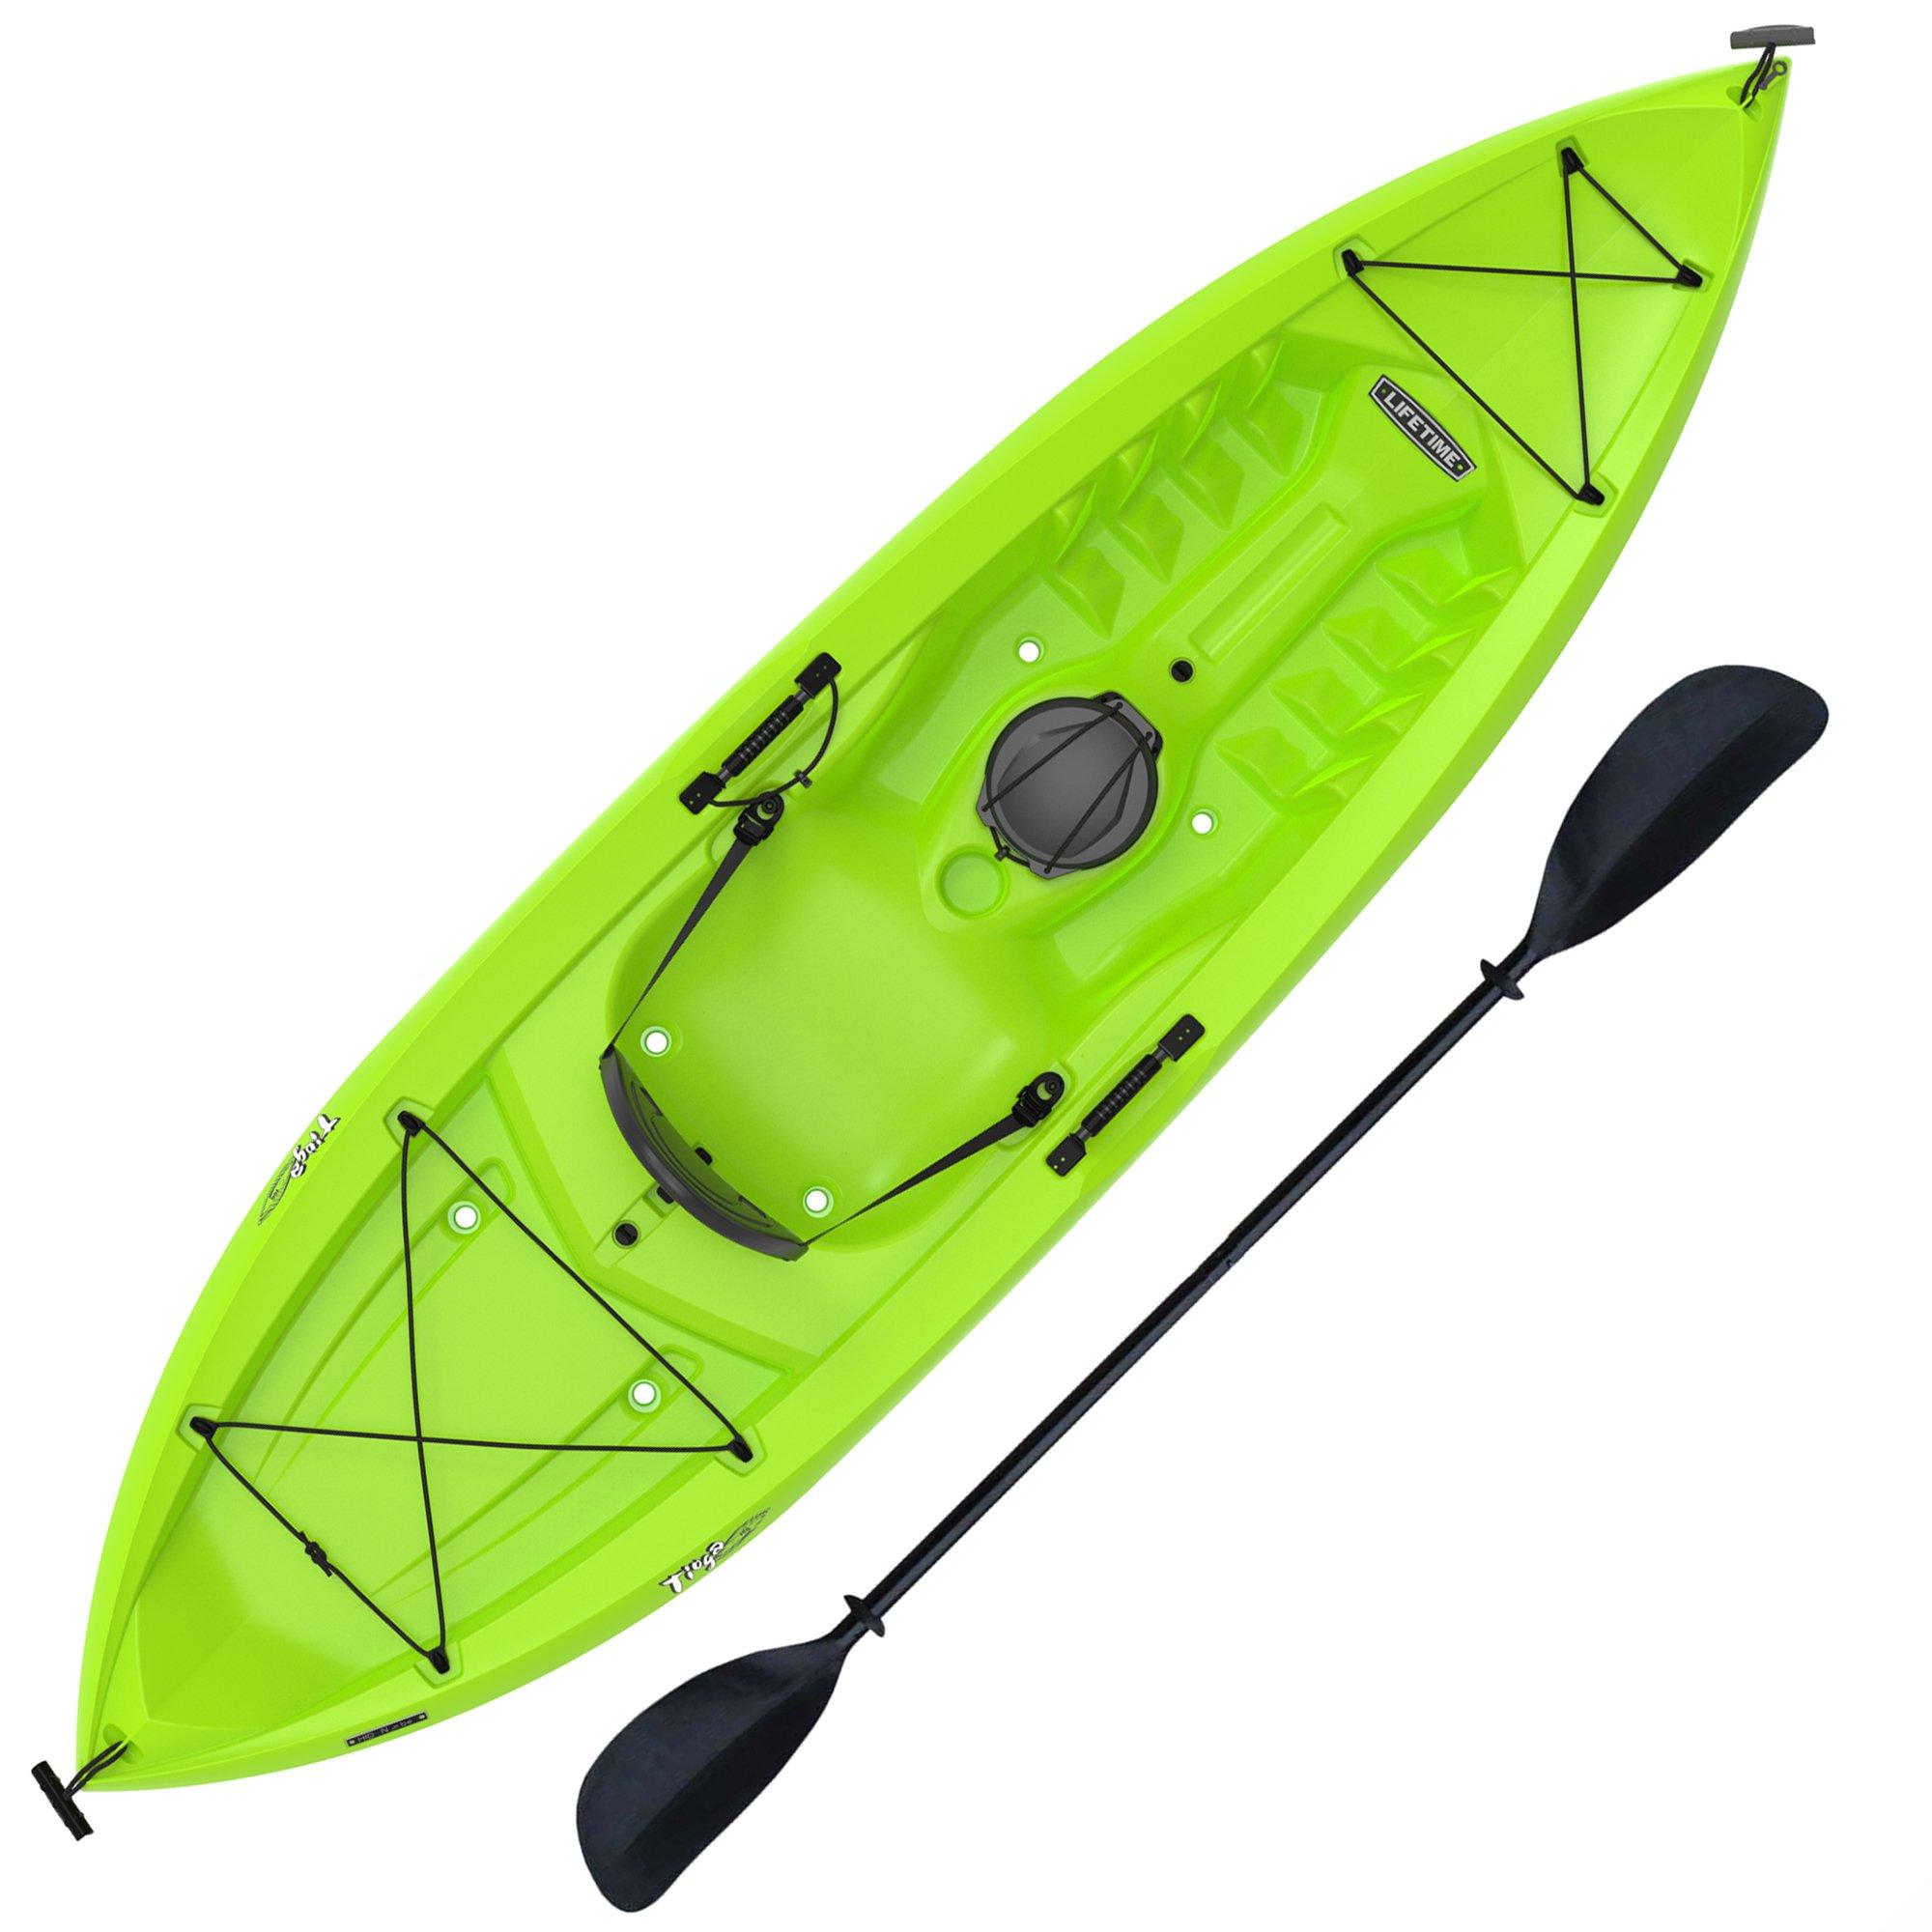 Lifetime Tioga Sit-On-Top Kayak, Lime, 120'' by Lifetime